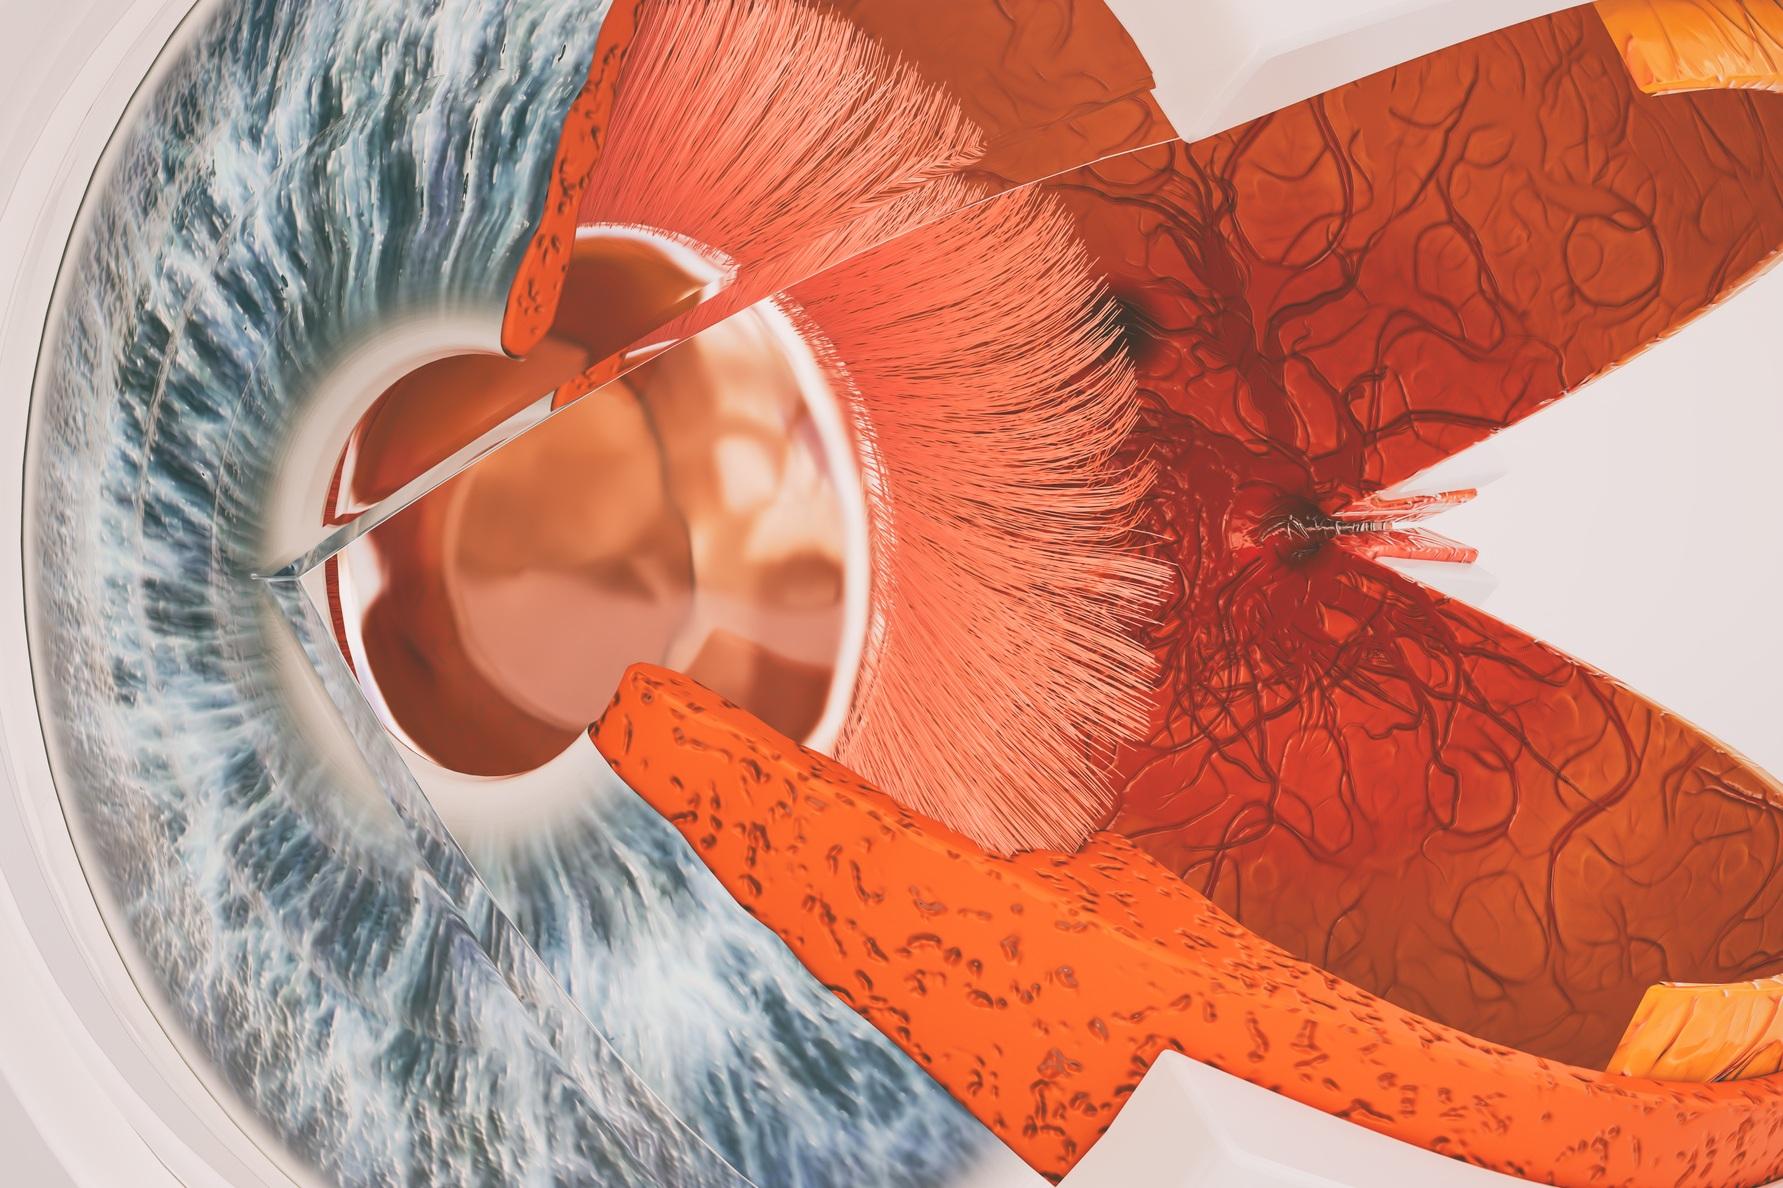 """视网膜血管 - 增殖性糖尿病视网膜病变""""糖尿病性视网膜病变(DR)是糖尿病的常见微血管并发症。 随着全球糖尿病患病率的增加,DR是视力障碍的主要原因,影响全球约420万人。 到2050年,患有DR的40岁或以上的美国人估计将达到1600万,其视力威胁糖尿病视网膜病变,估计影响其中的340万人。 DR是一项重大的公共卫生负担,直接医疗费用为4.92亿美元,此外还有与接受治疗相关的时间和工资损失。""""Diabetic Retinopathy. - Primary Care"""